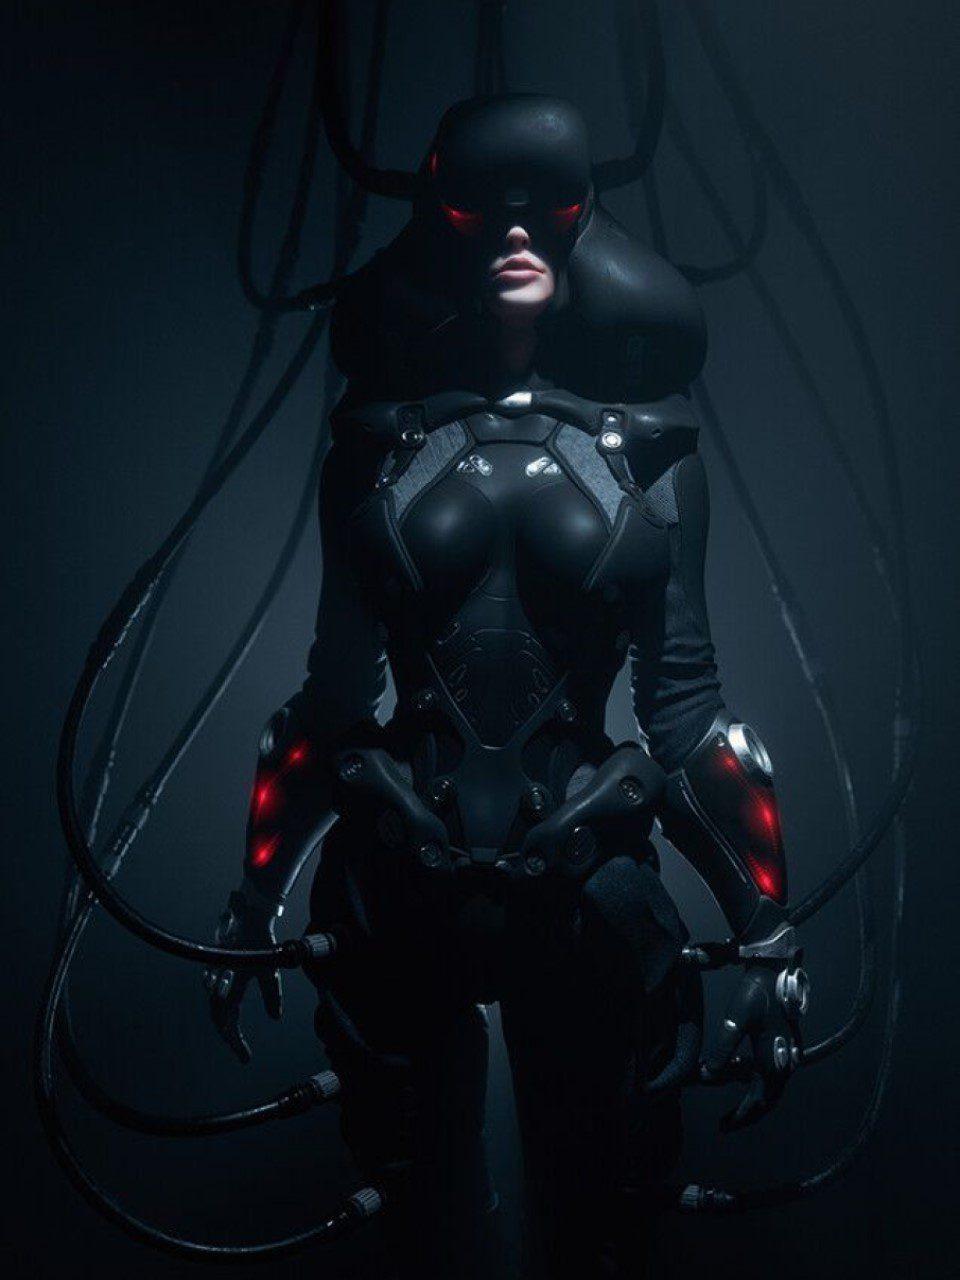 Vanus Assassin: Những sát thủ trên mặt trận tác chiến điện tử - Vanus Assassin